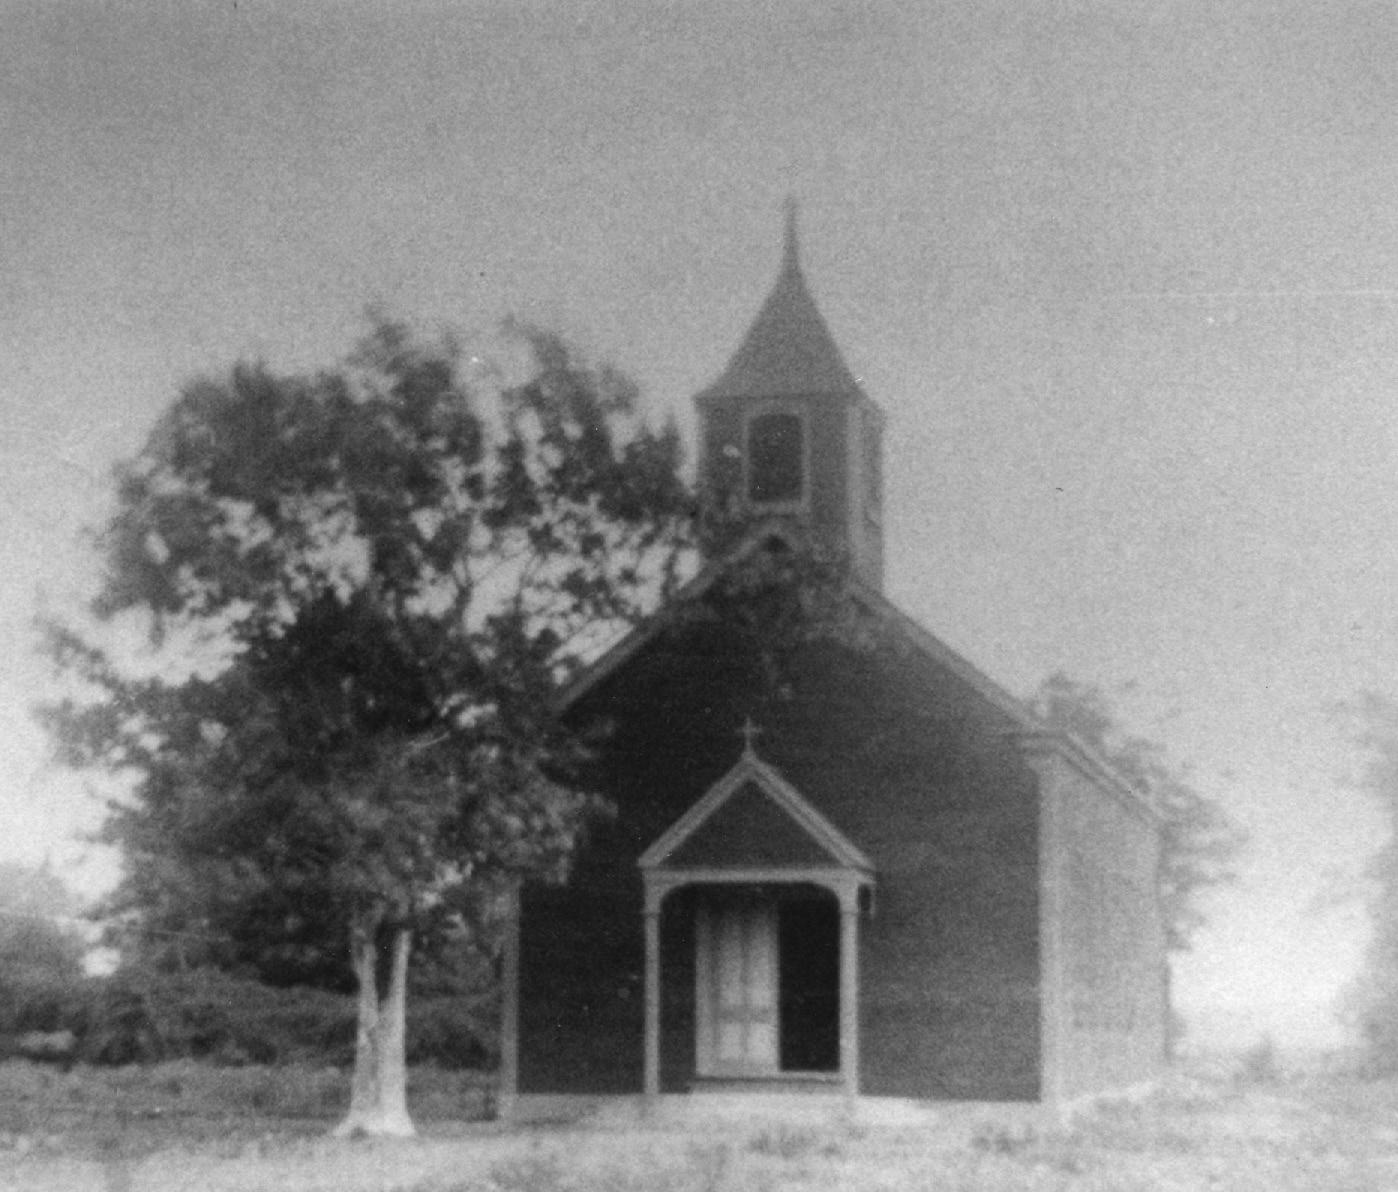 Little Red Church